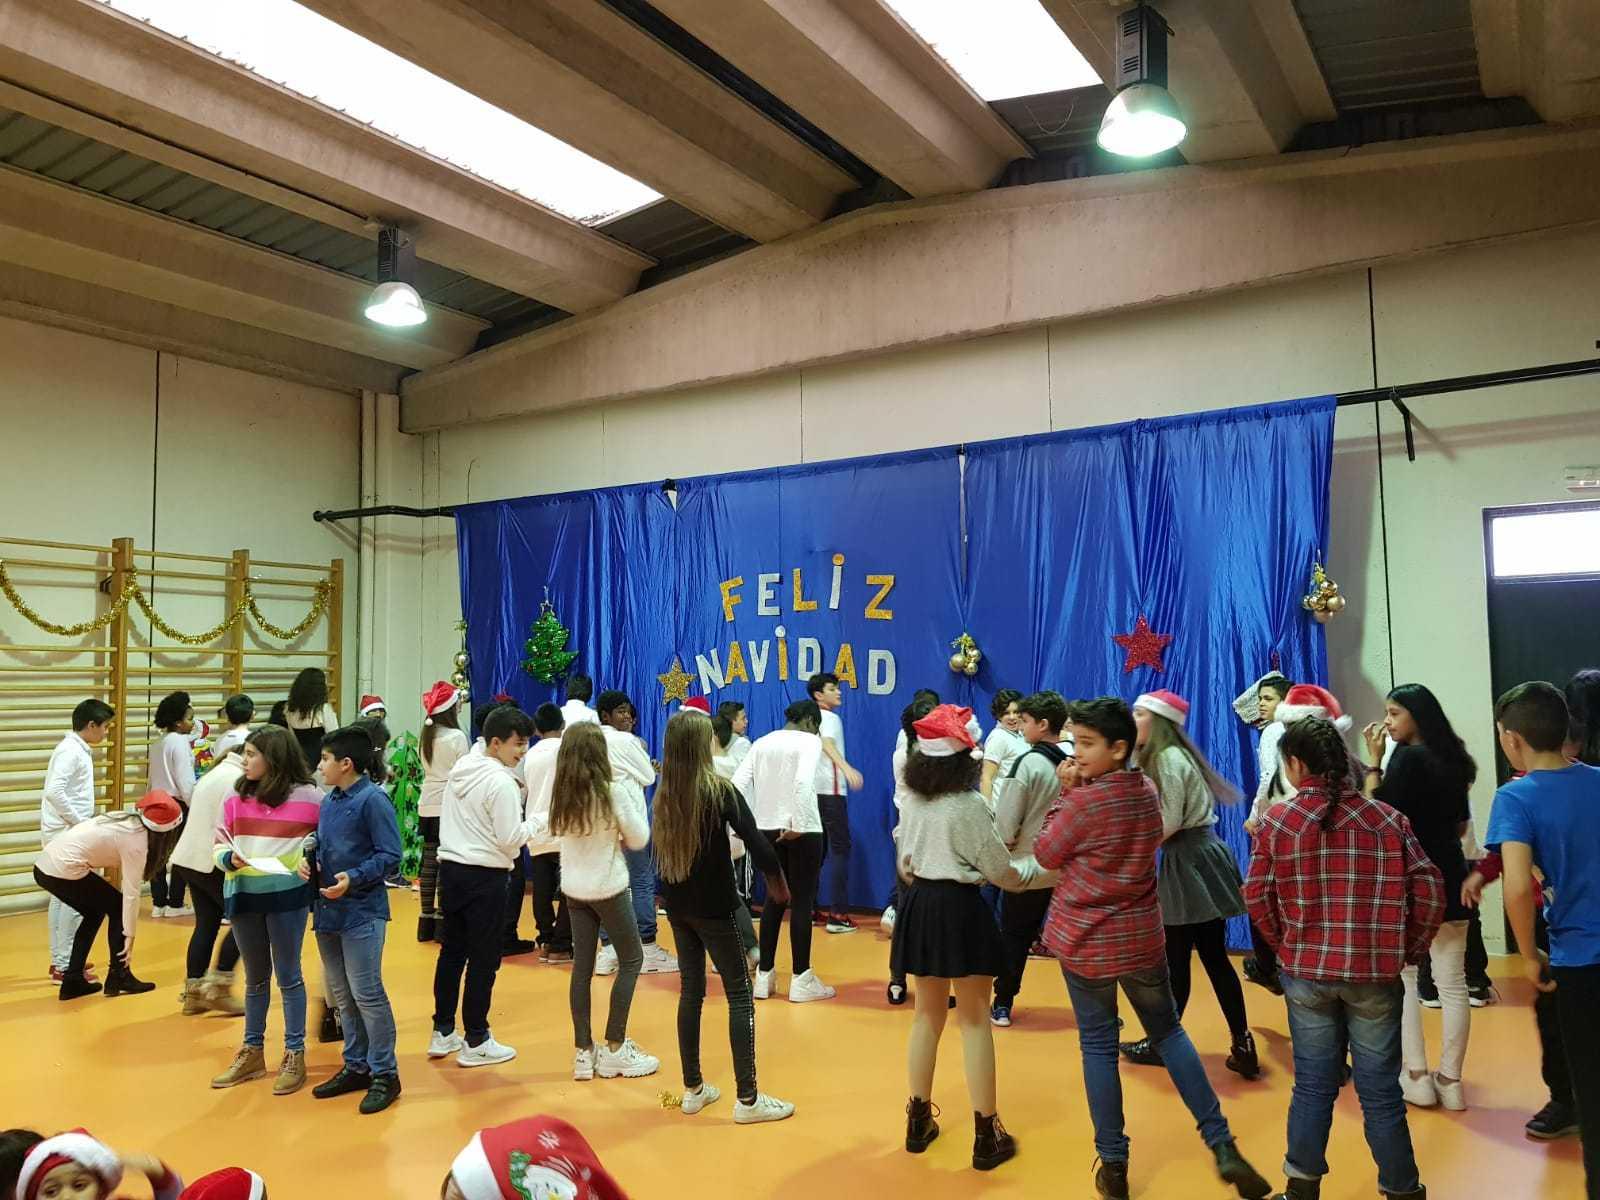 Último día - Festival navidad 19